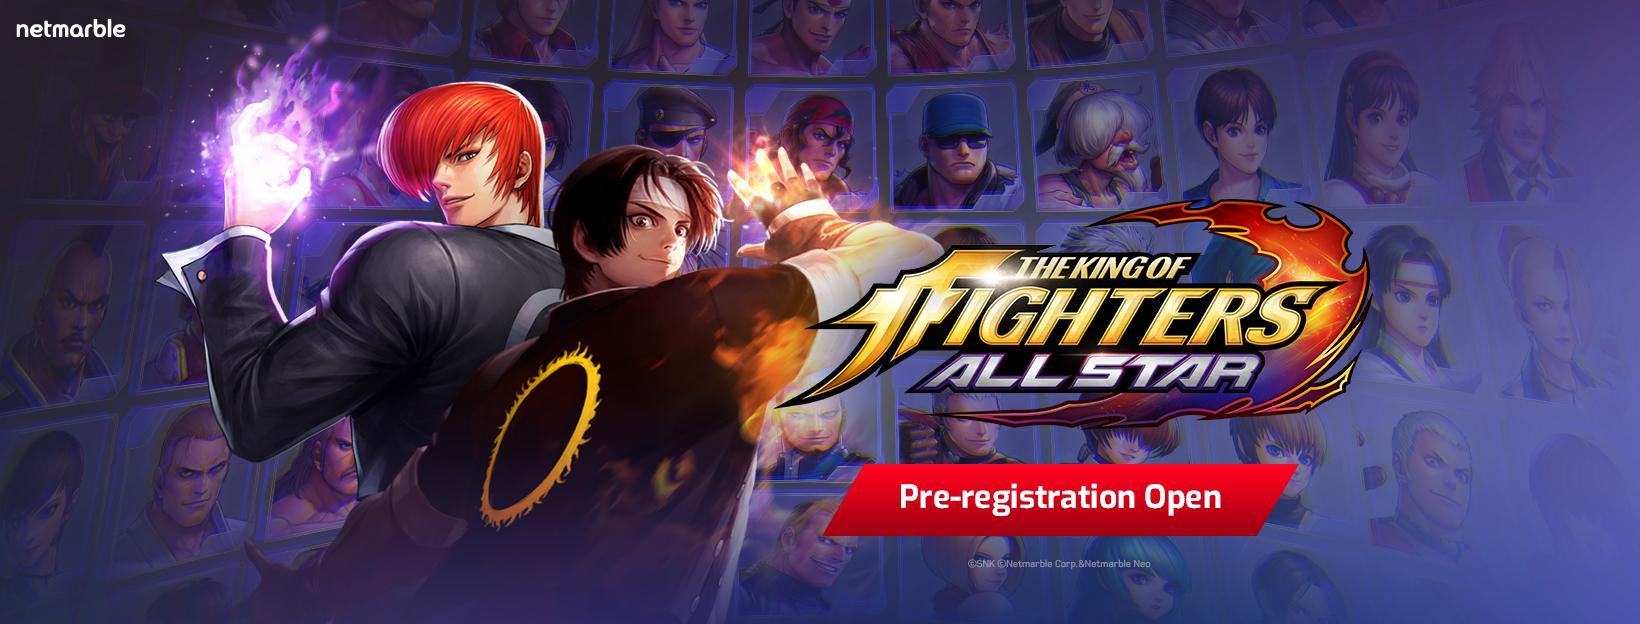 Netmarble'ın Yeni Oyunu King of Fighters Allstar için Ön Kayıtlar Başladı